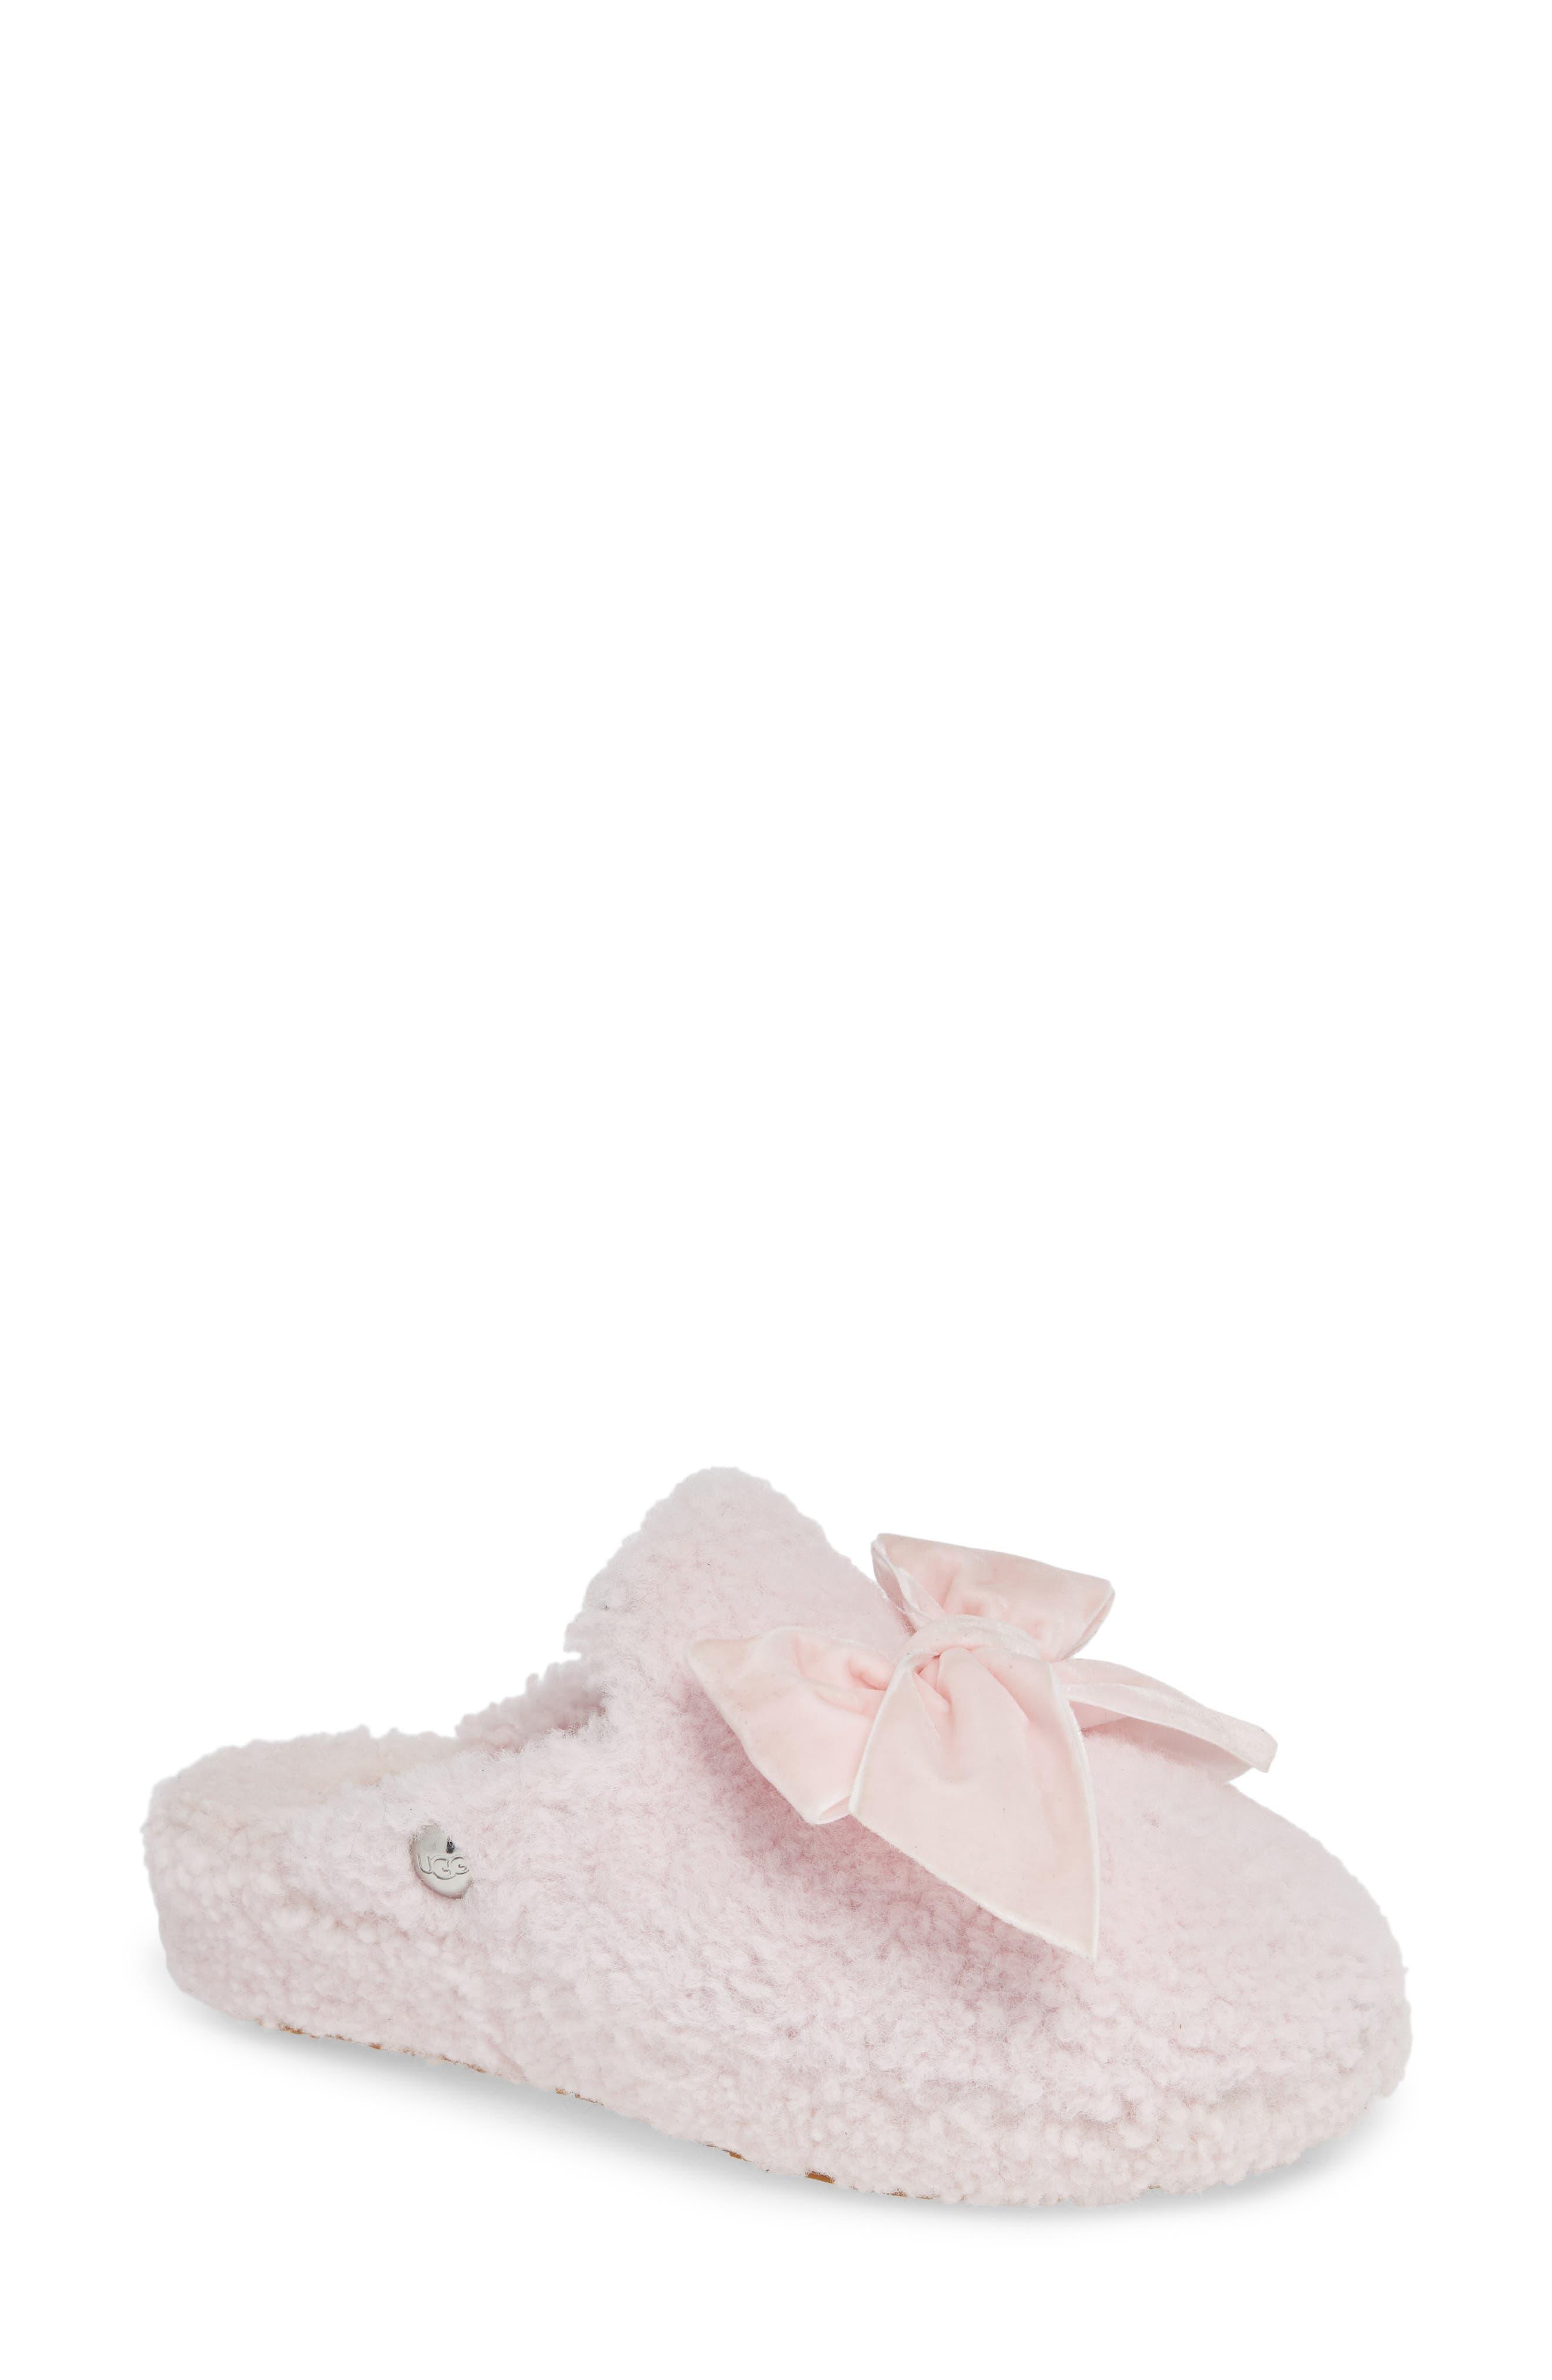 Addison Velvet Bow Genuine Shearling Slipper,                             Main thumbnail 1, color,                             SEASHELL PINK